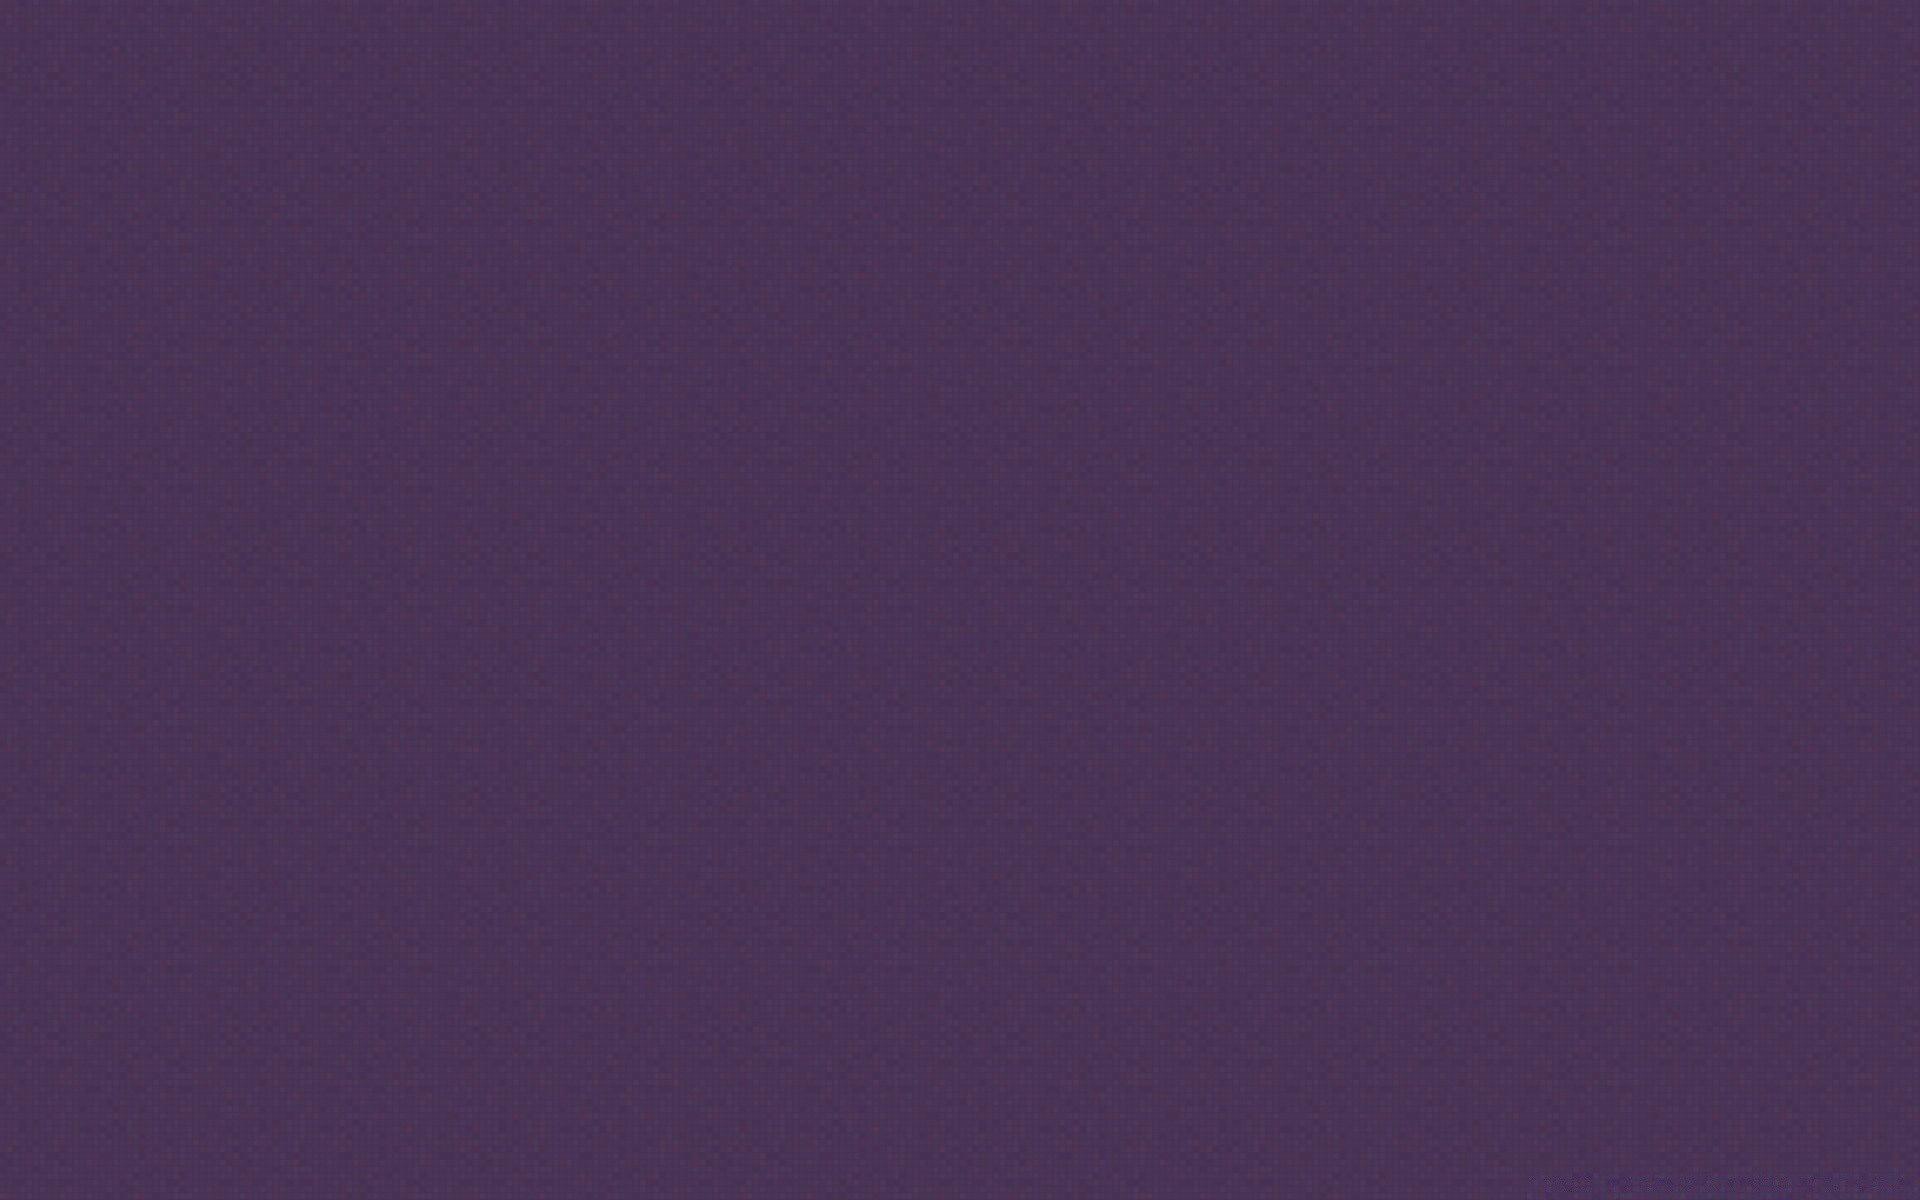 Texture Abstract Art Sky Blur Bird Graphic Wallpaper - Colorfulness - HD Wallpaper